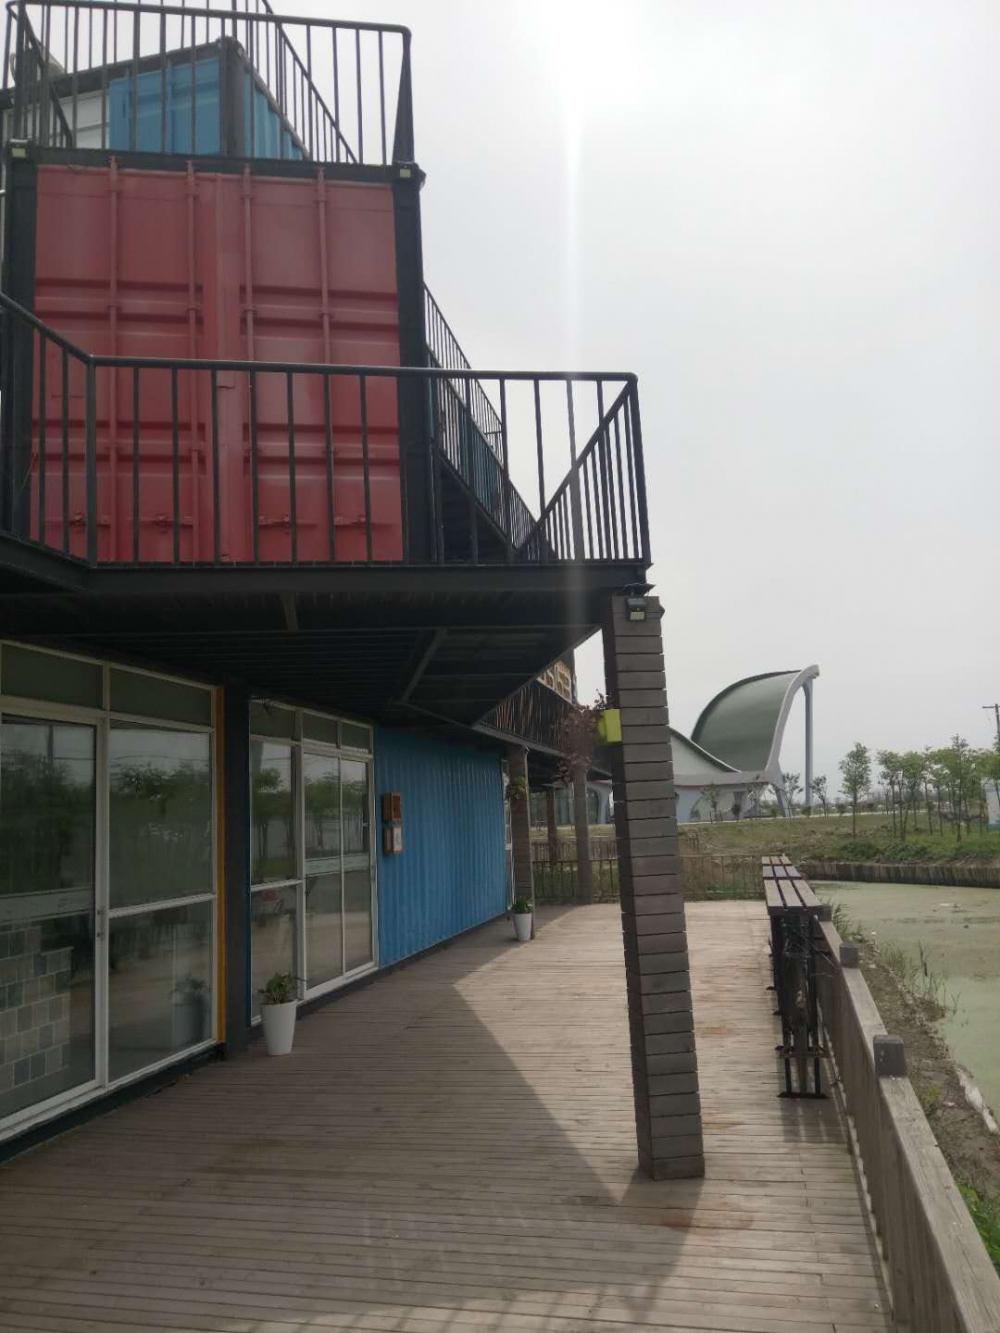 Павильон до реконструкции<br>© Yiduan Shanghai Interior Design